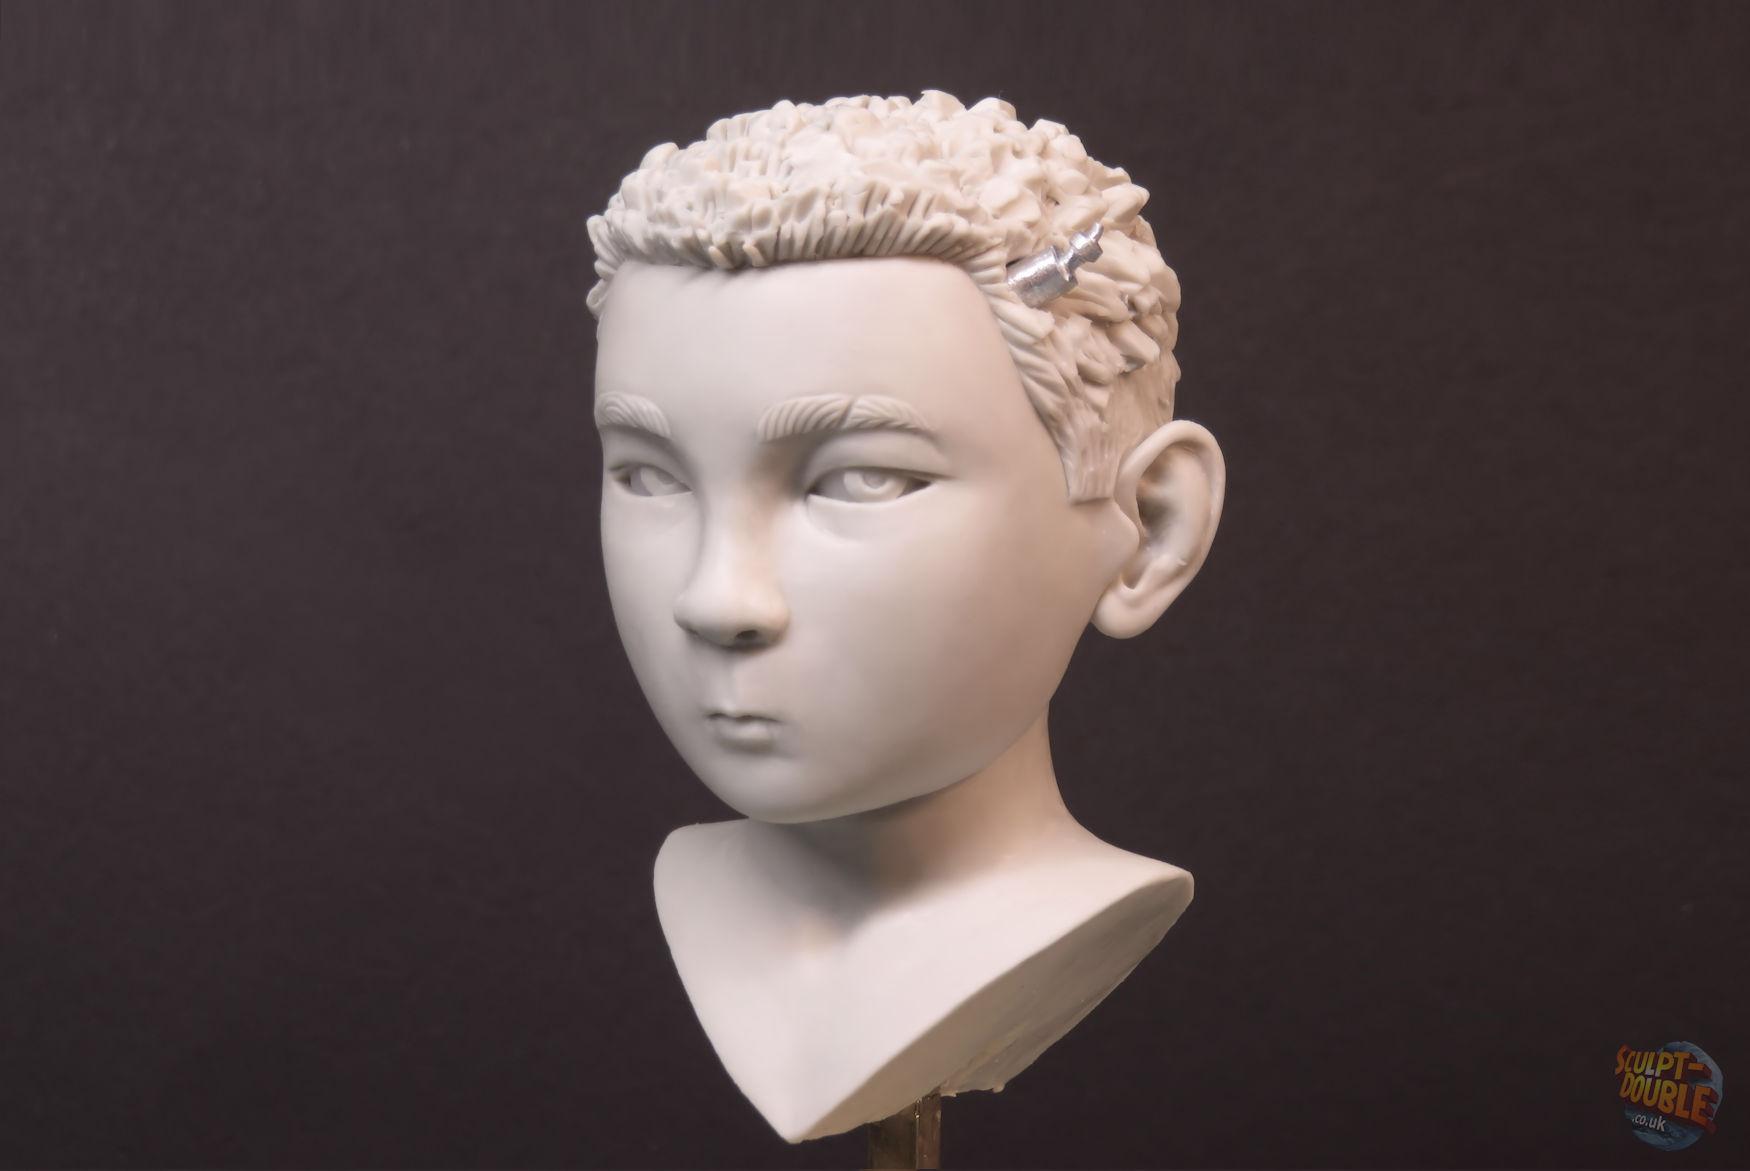 Atari - Hero head sculpt